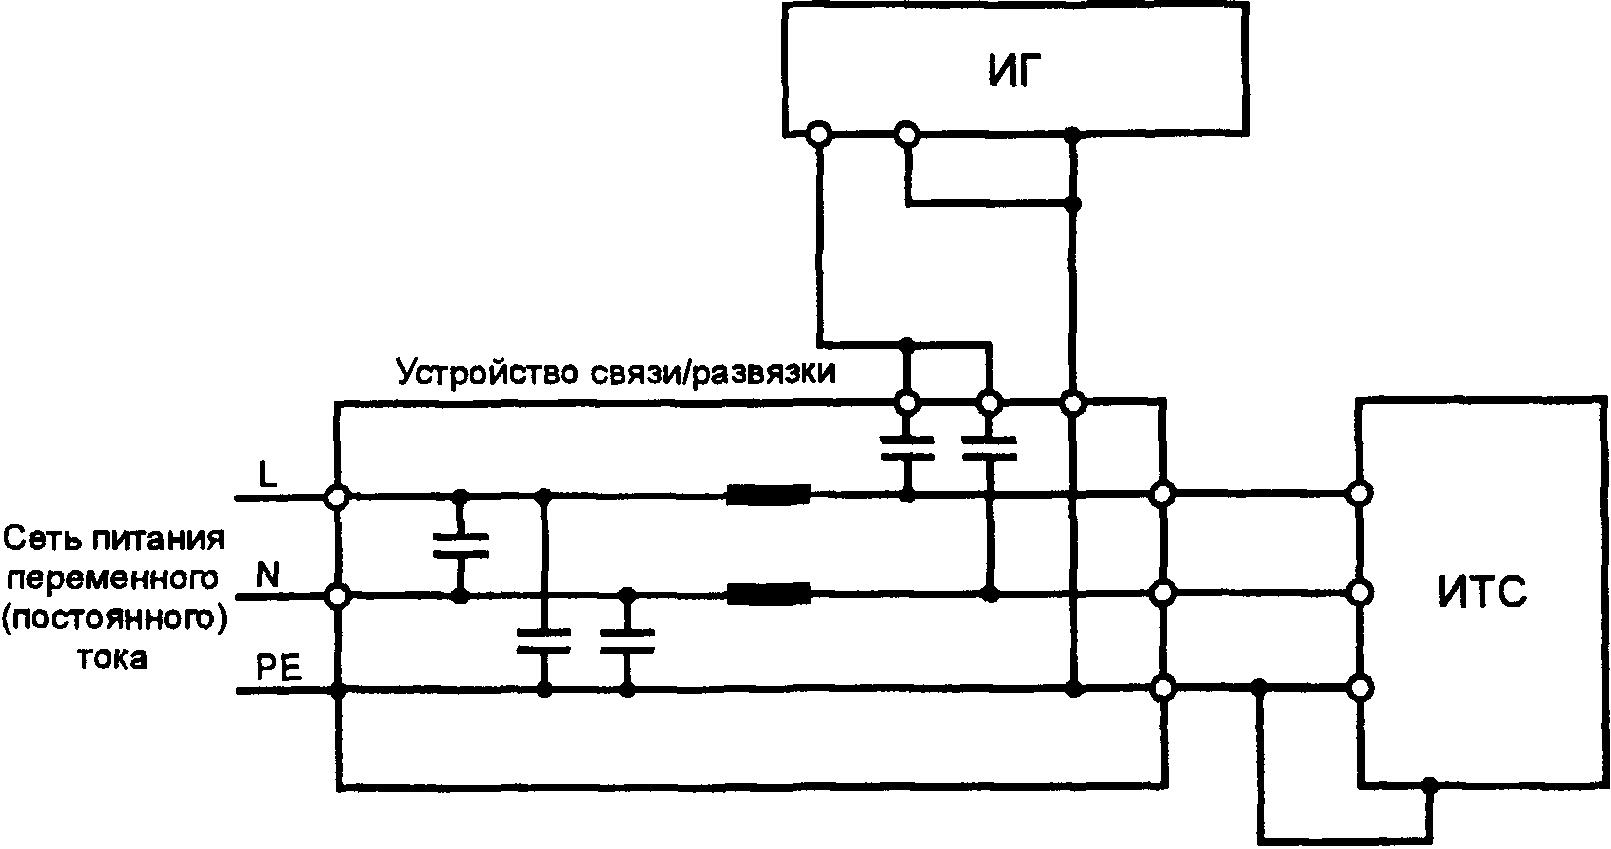 переменного тока (трехфазная электрическая сеть,подача.  Рисунок 8а.  Схема рабочего места с пластиной заземления...